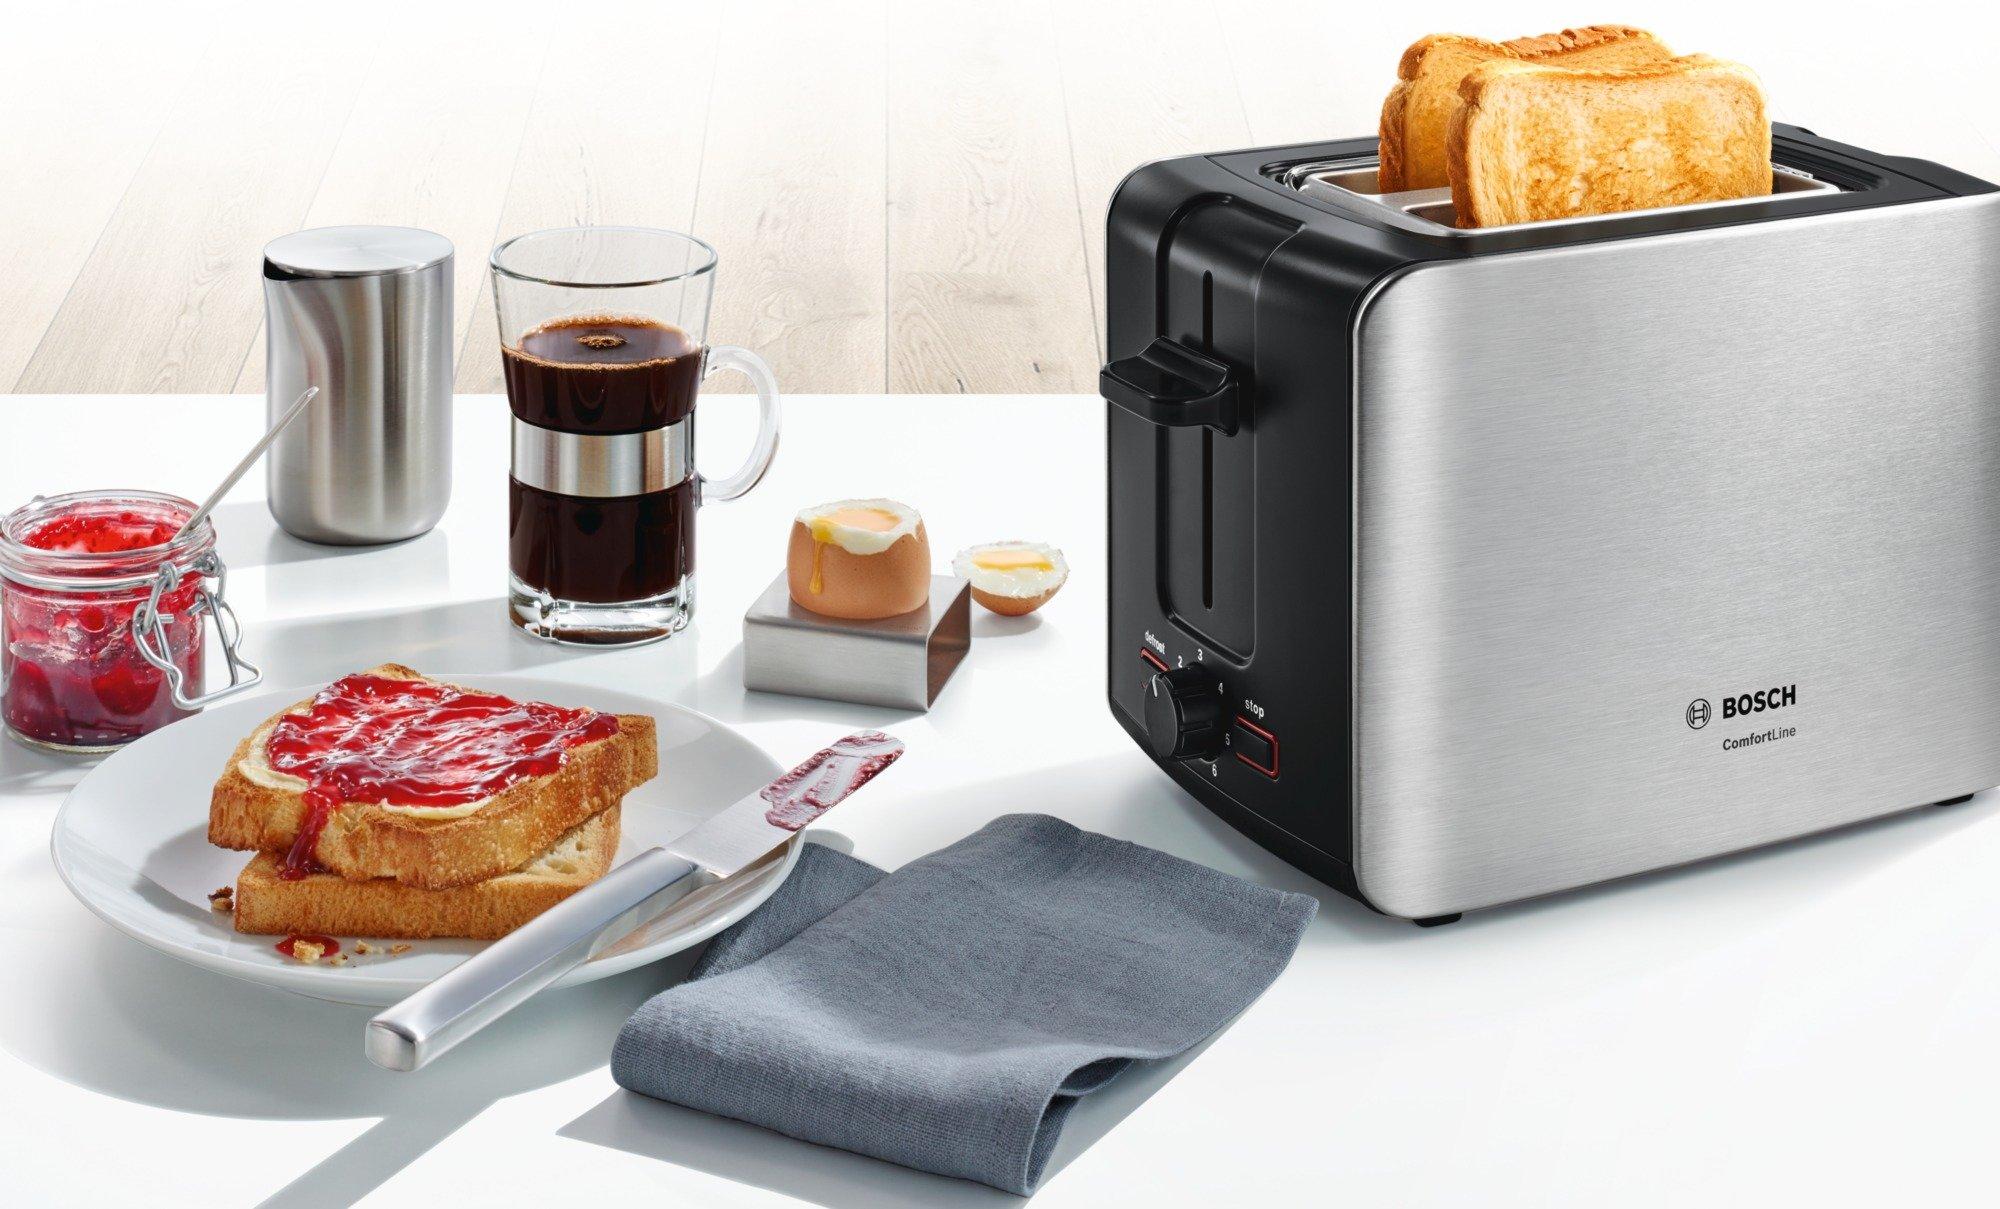 Bosch-TAT6A913-Kompakt-Toaster-ComfortLine-automatische-Brotzentrierung-Auftaufunktion-1090-W-edelstahlschwarz